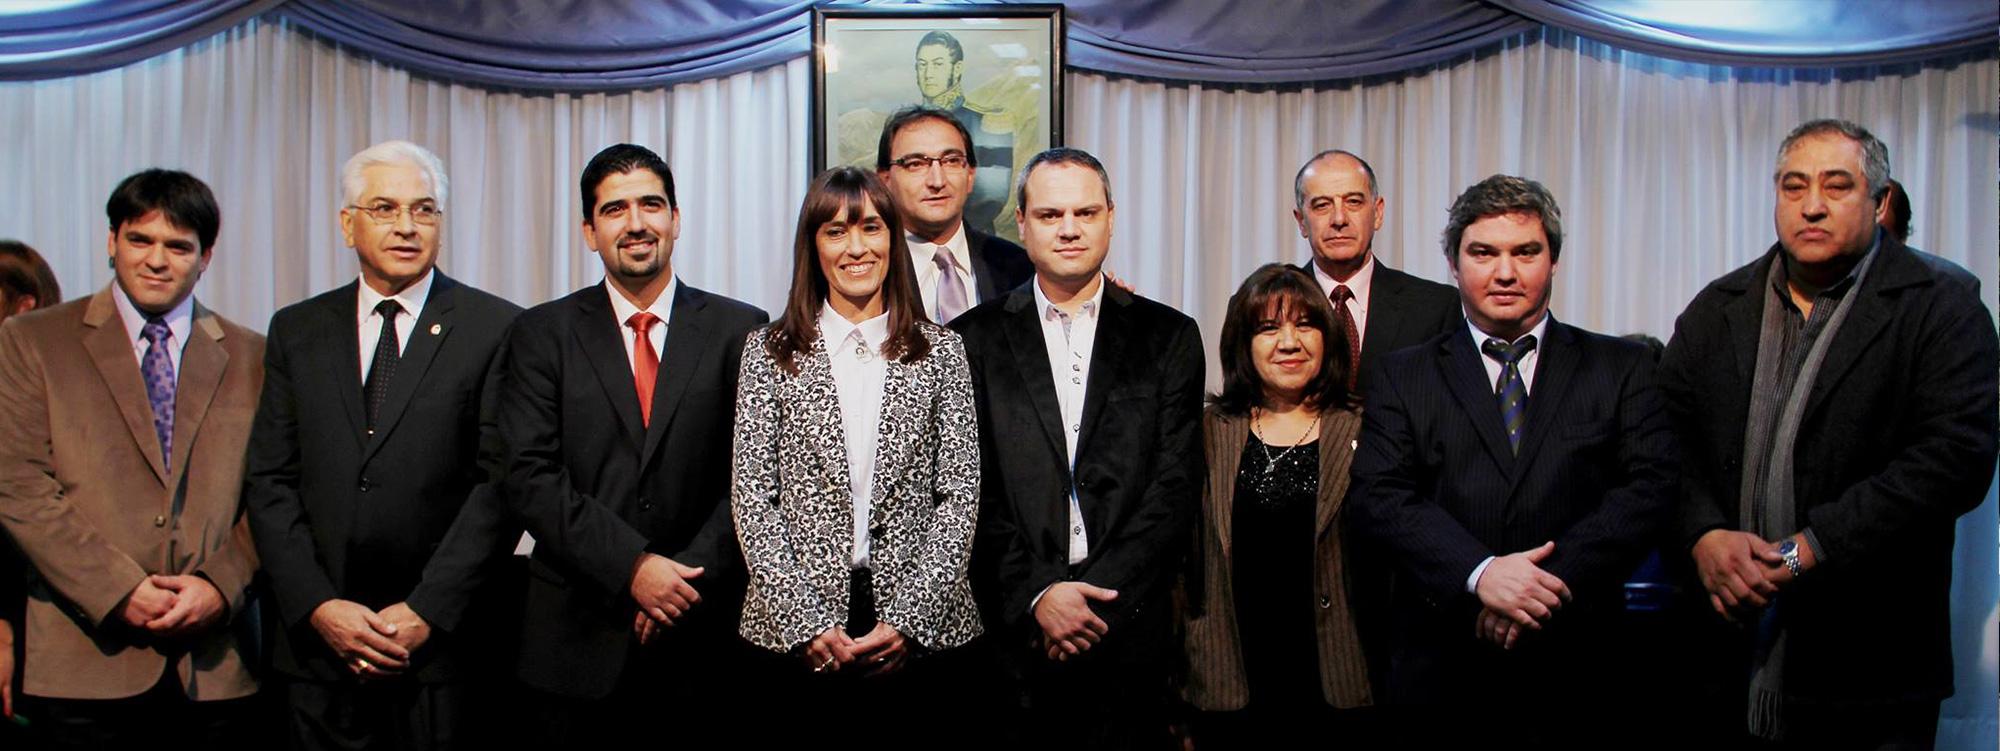 Concejales del Honorable Concejo Deliberante de General Alvear Mendoza